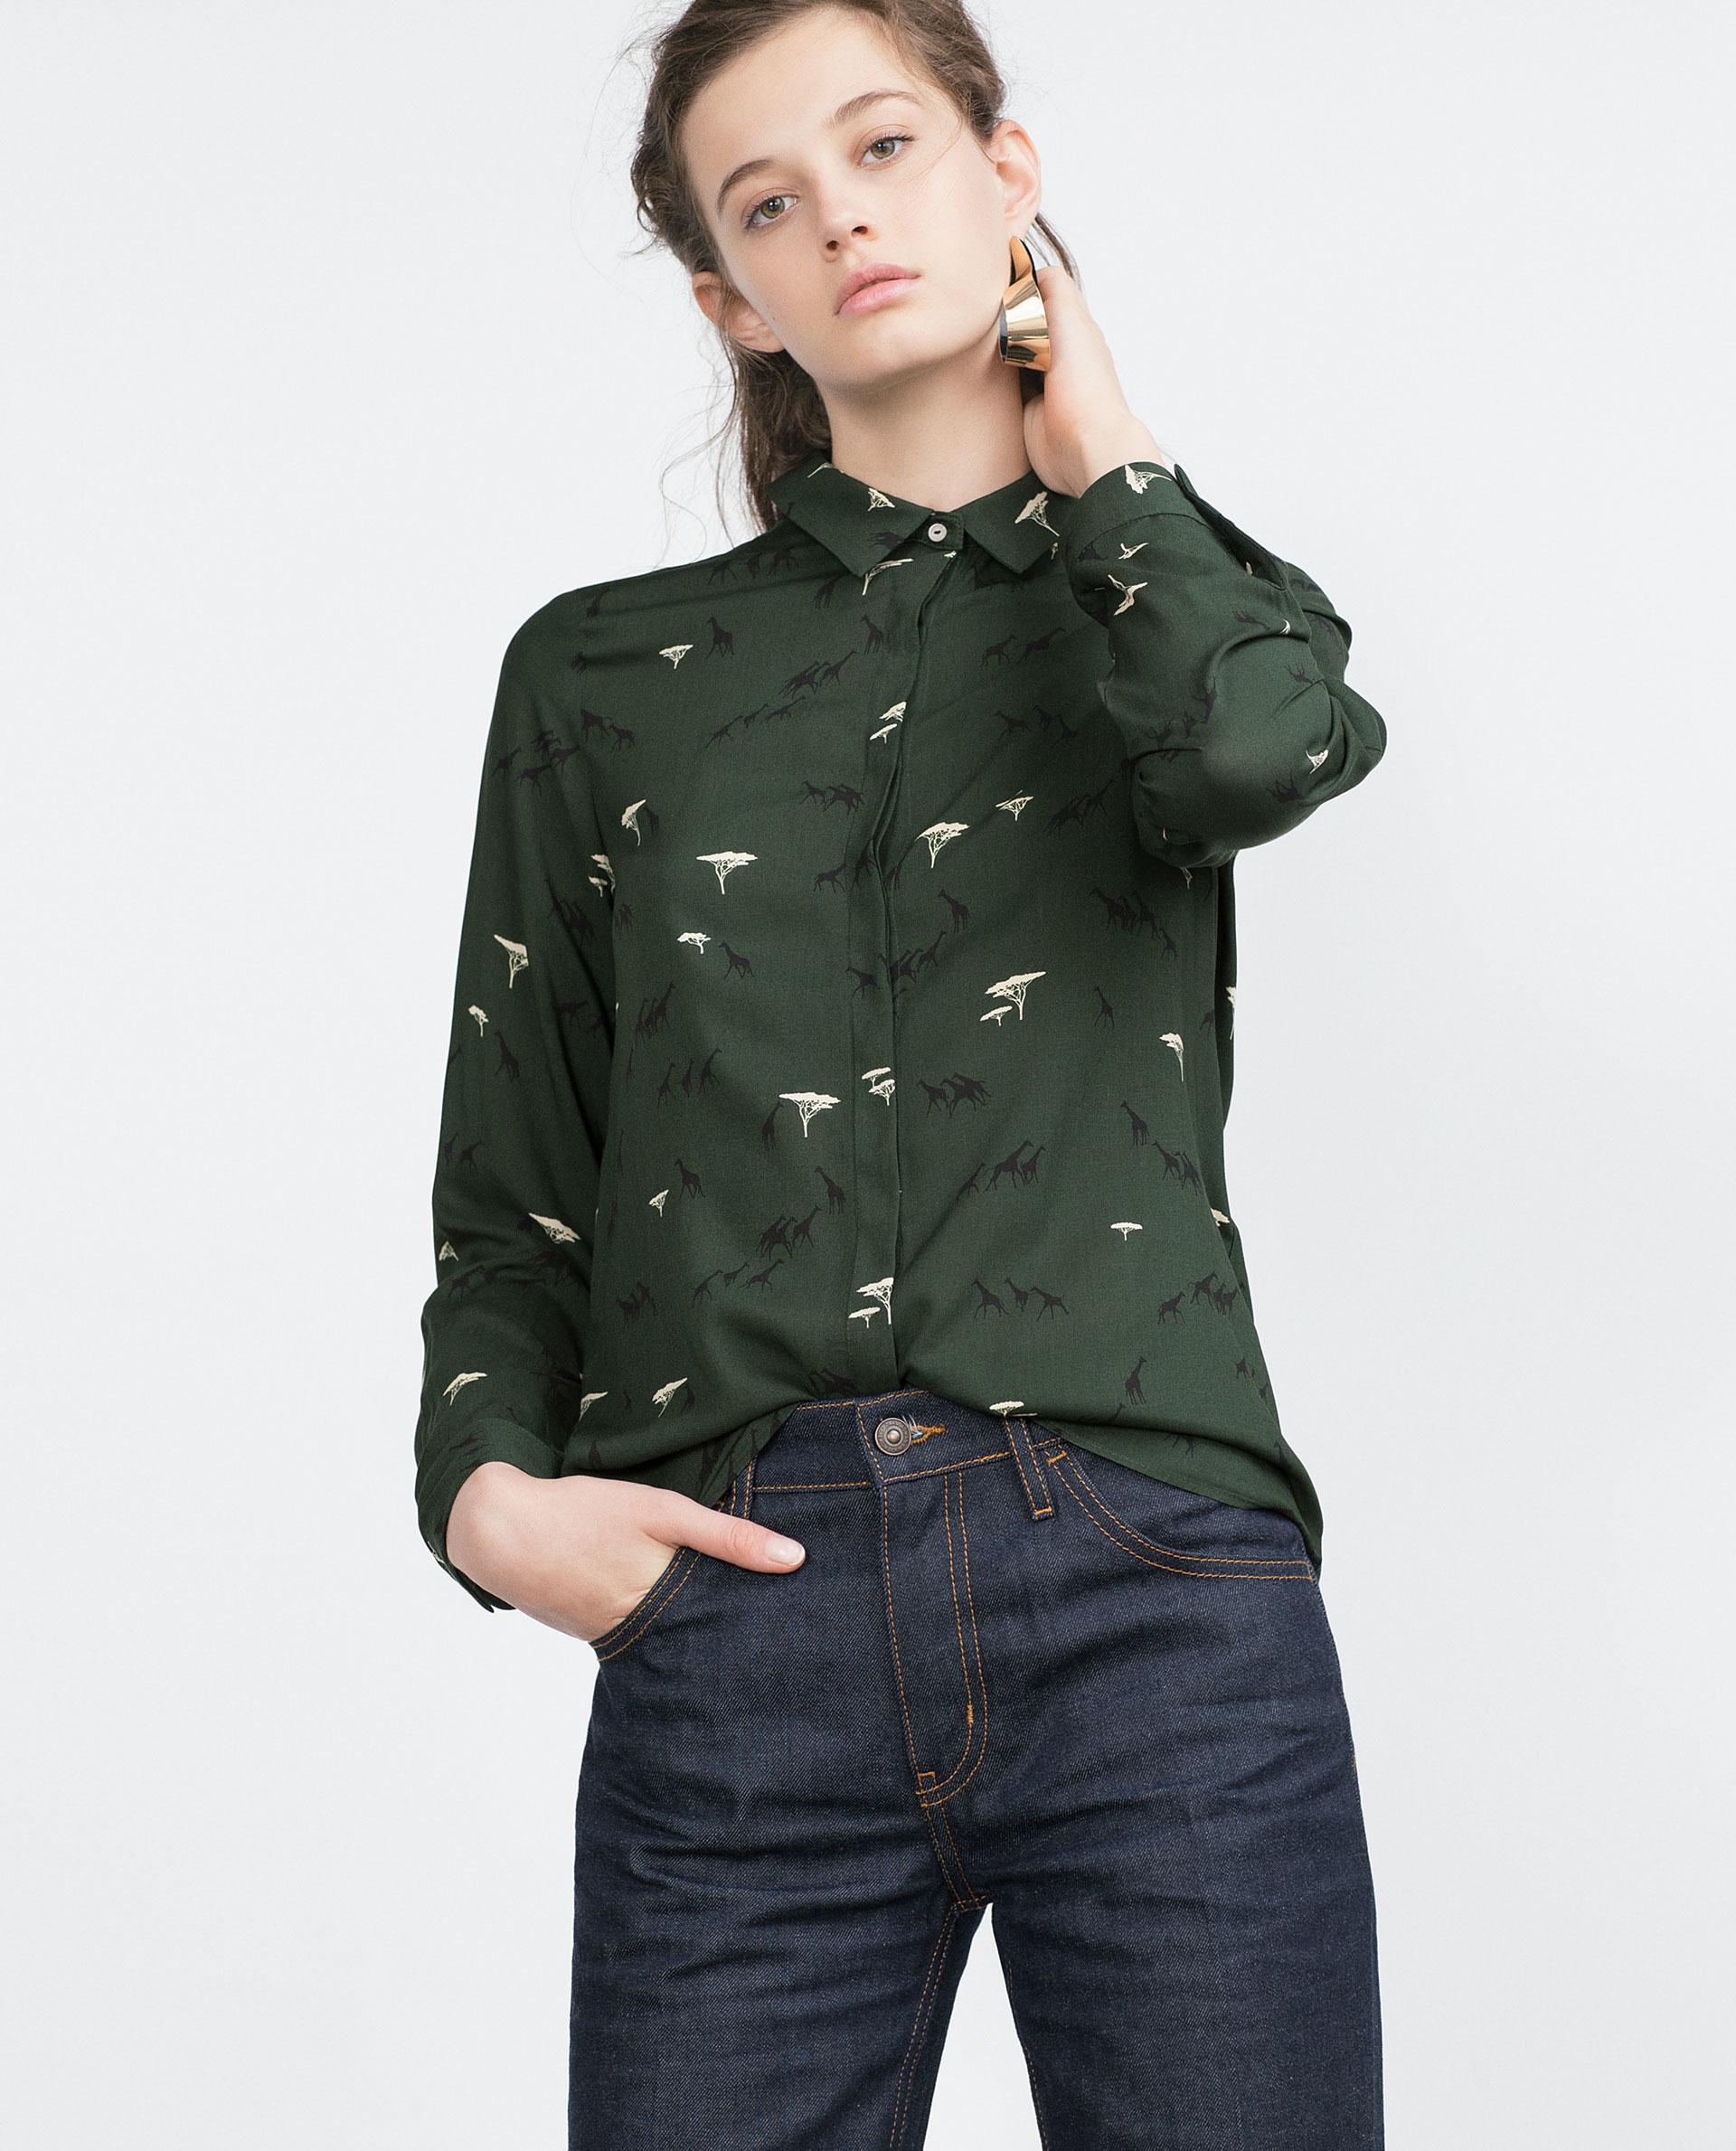 Zara Printed Chiffon Blouse 15